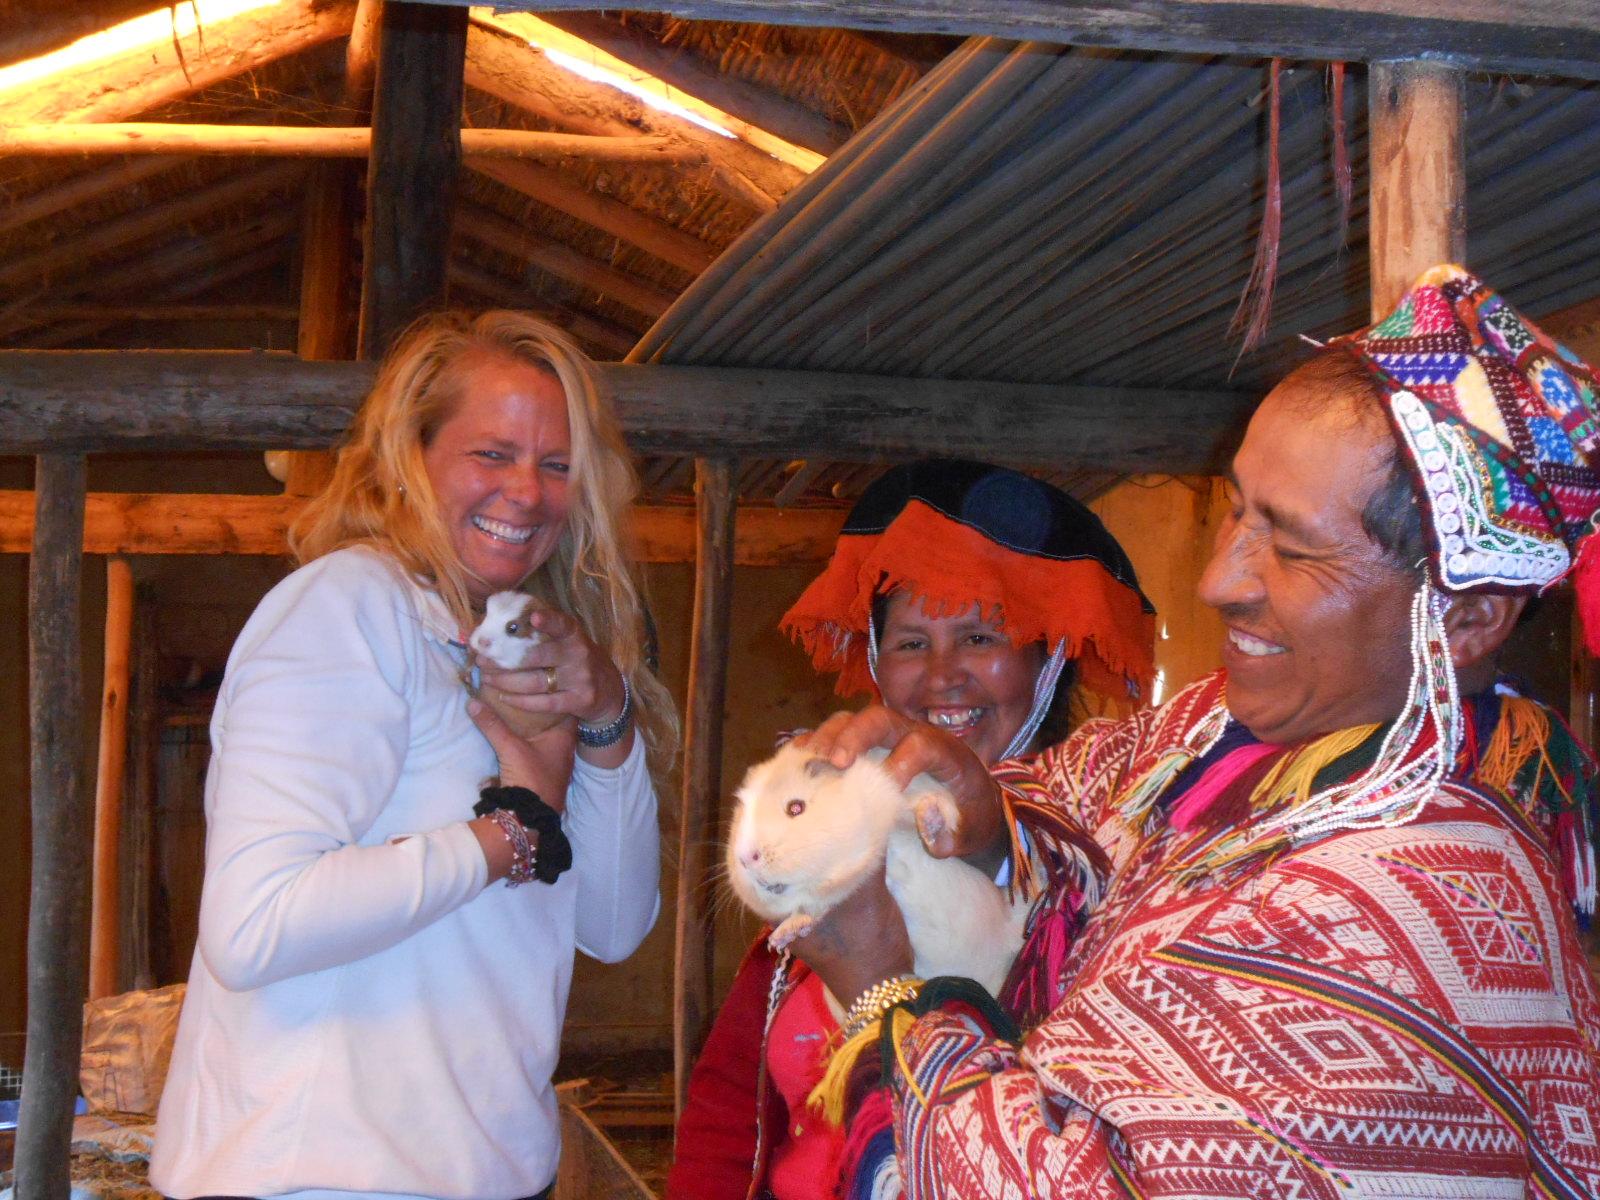 Guinea Pig (Cuy) Farm in Cuyo Grande, Peru